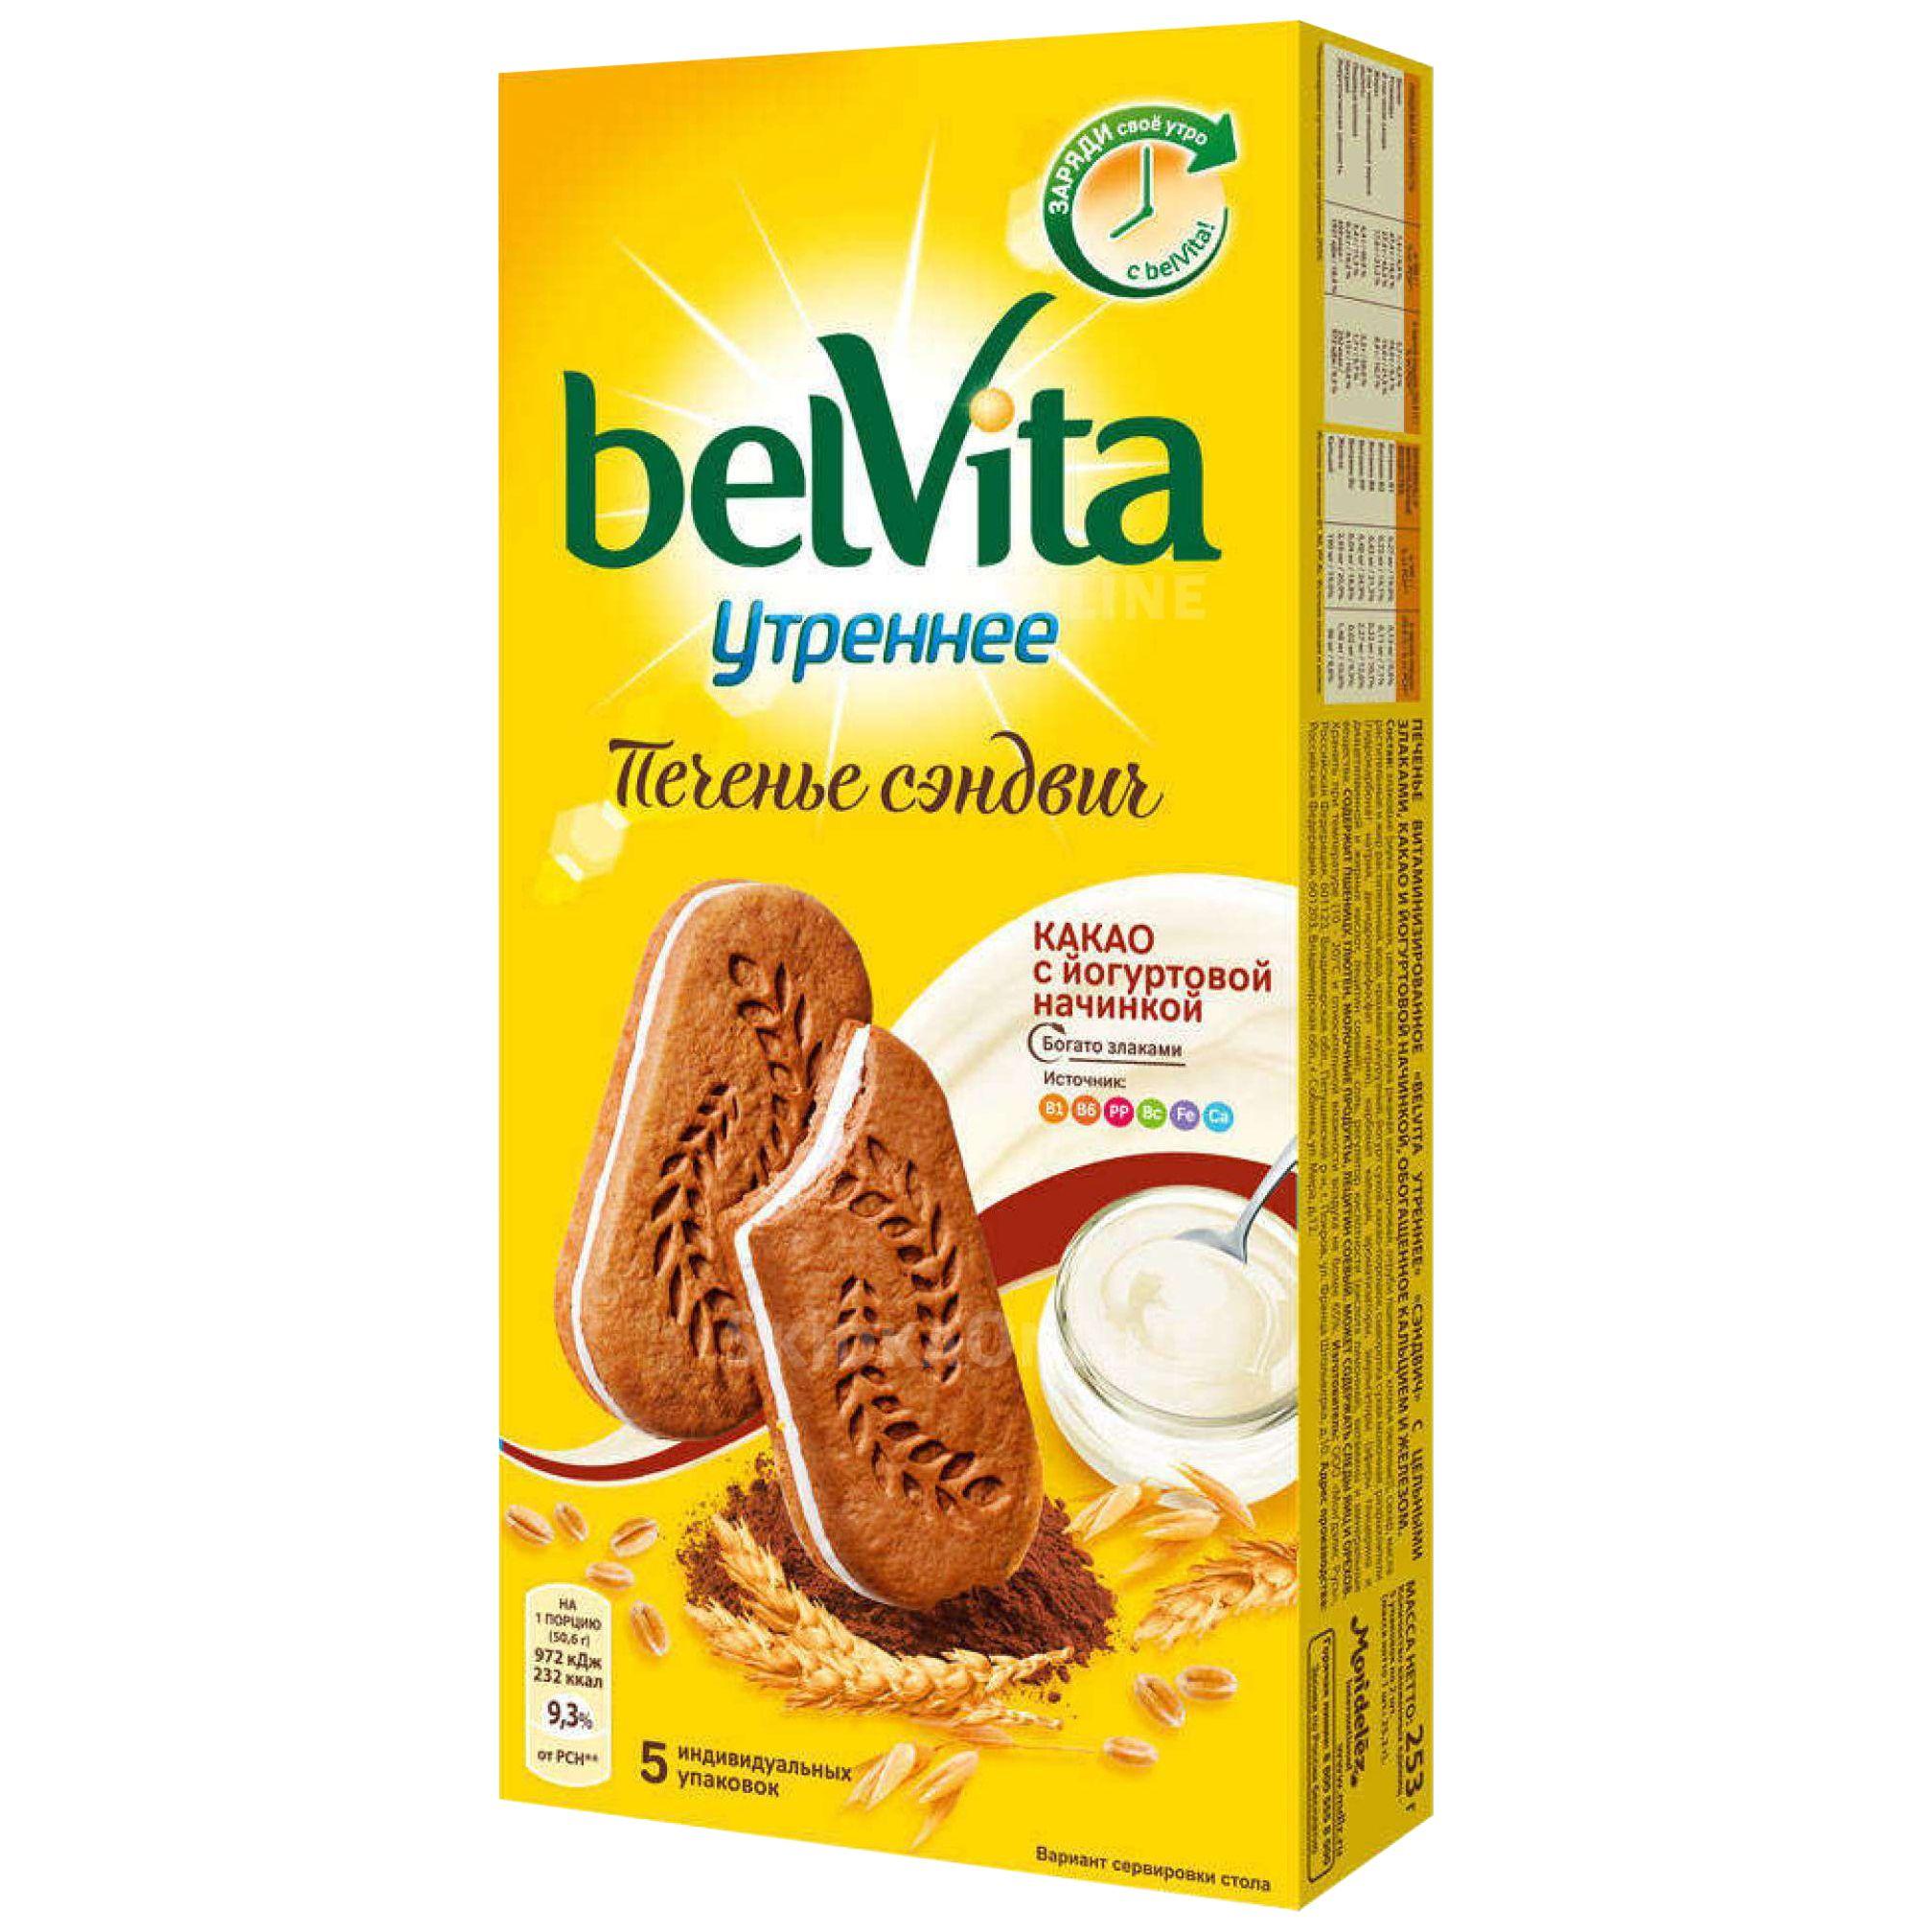 Печенье сэндвич Утреннее вит. с какао 253г Belvita